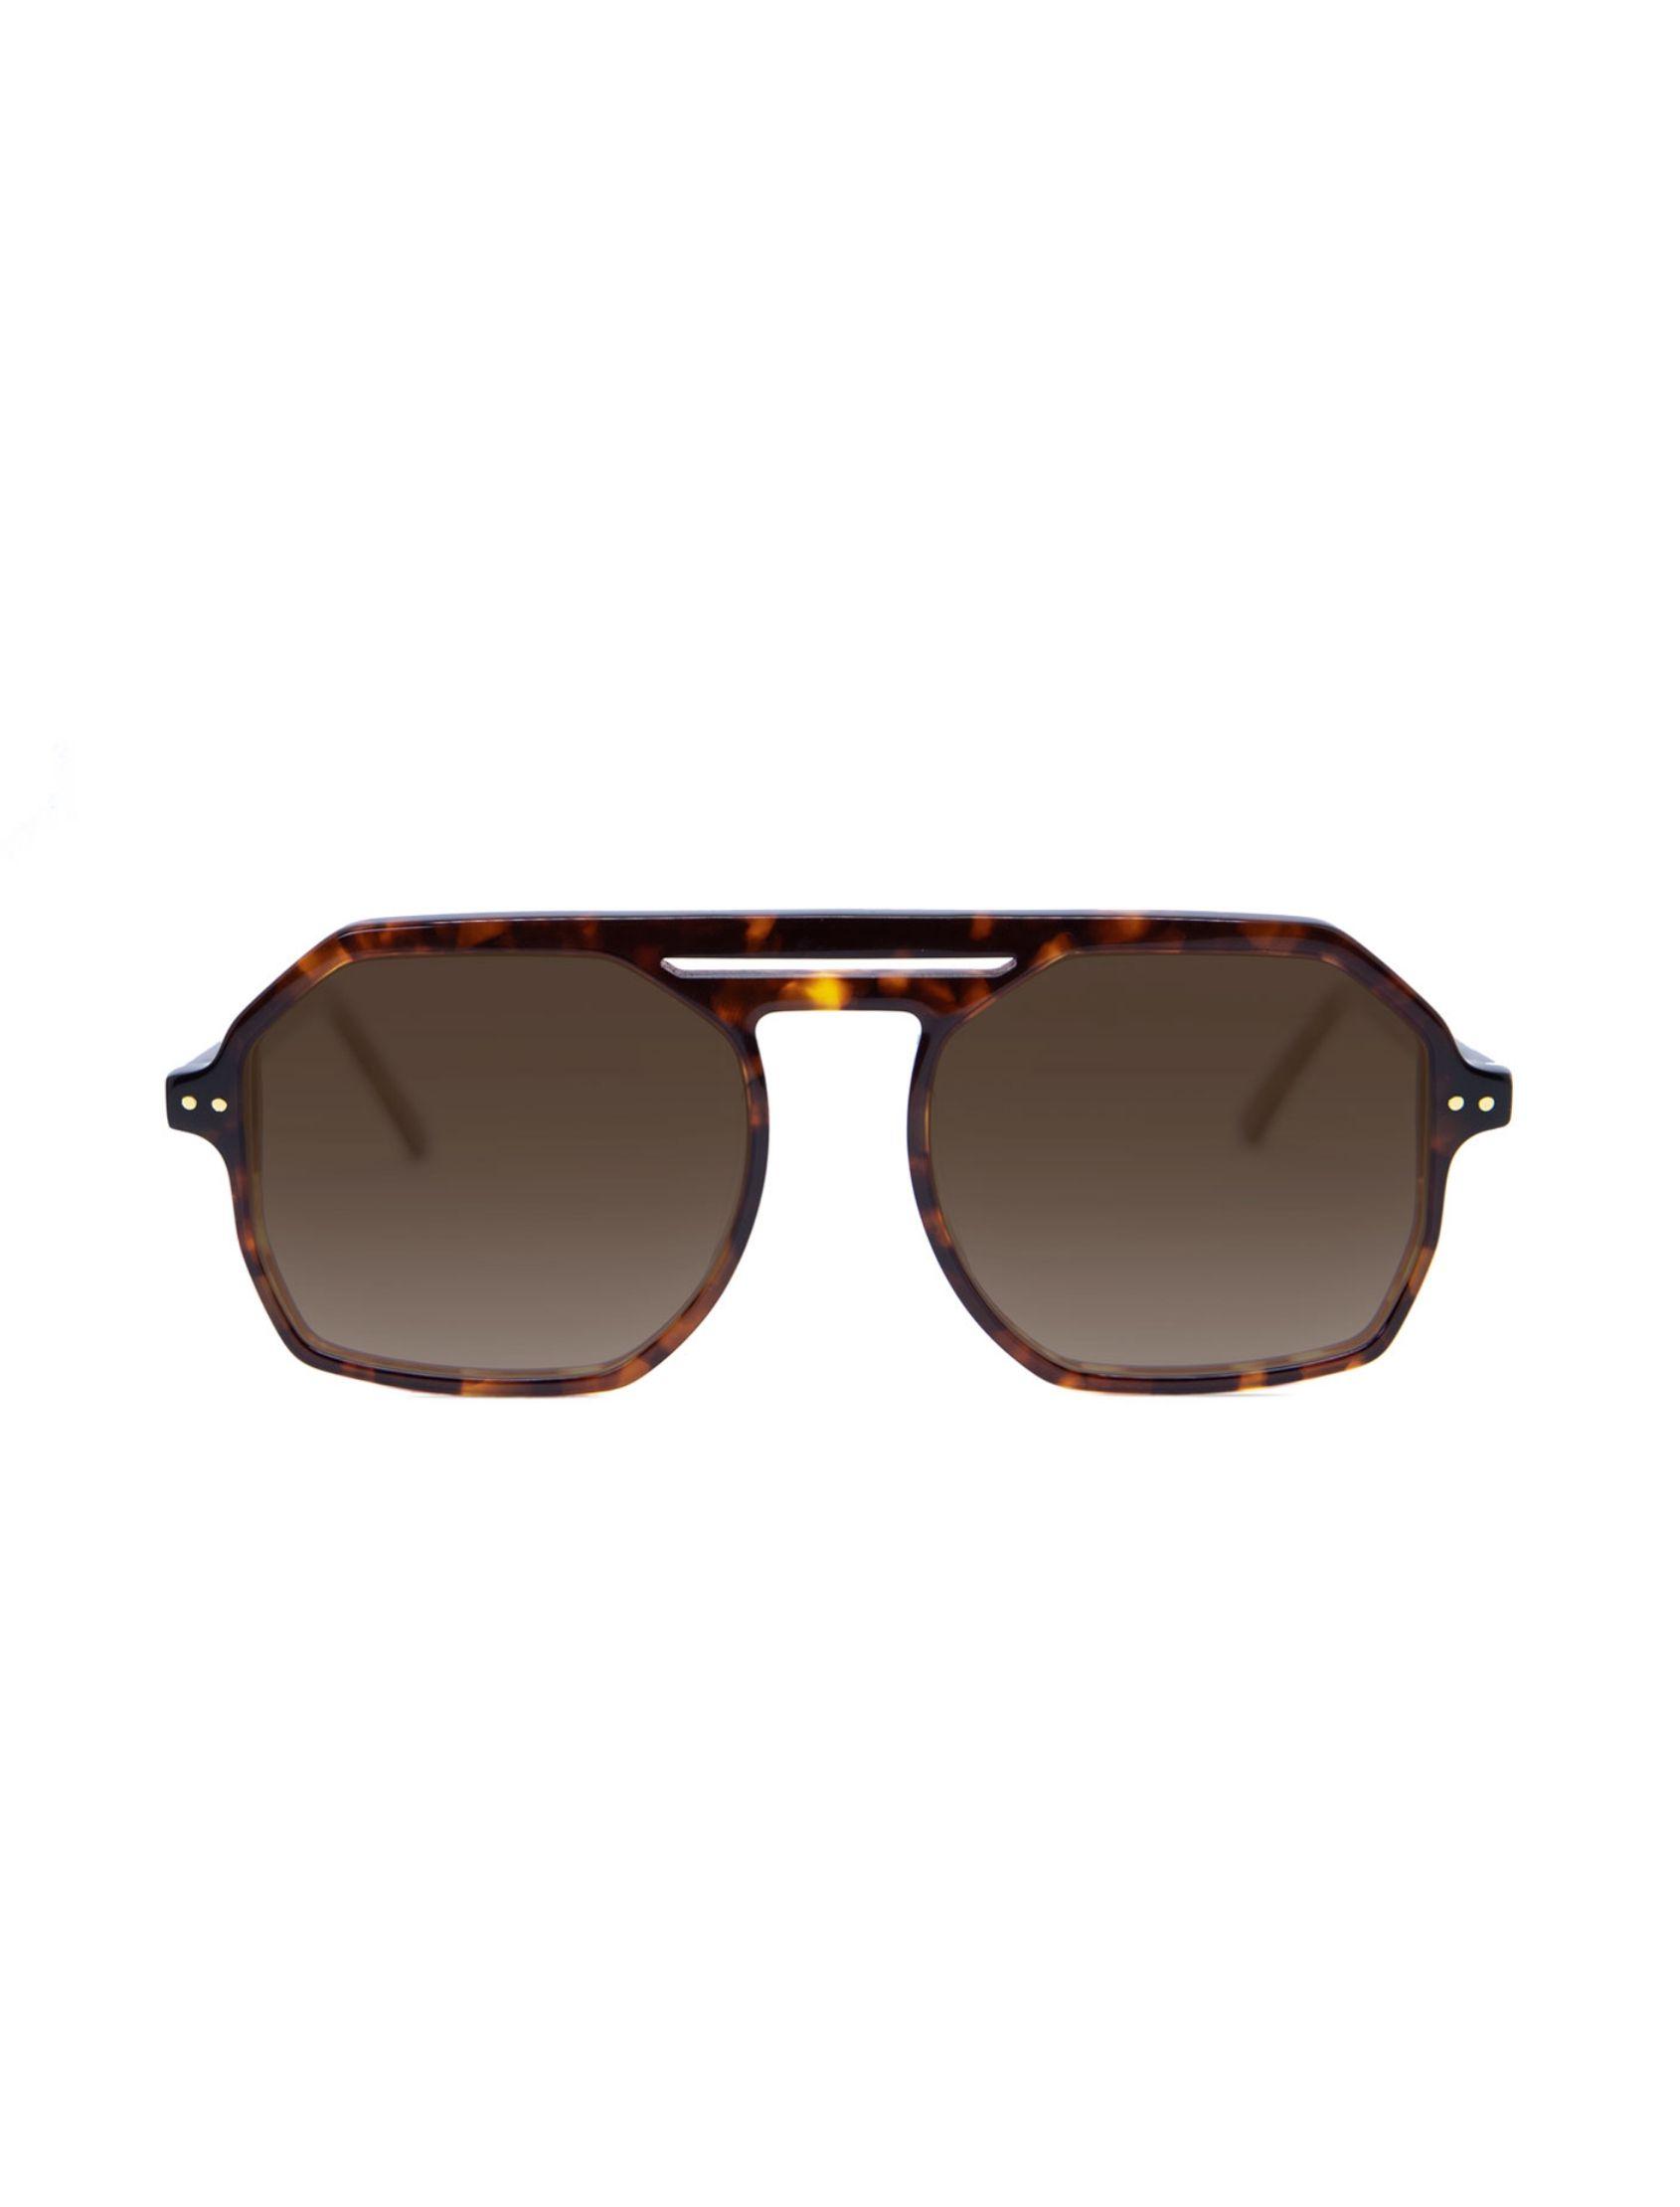 gafa de sol parton habanna unisex en tono marron con puente y lente polarizada